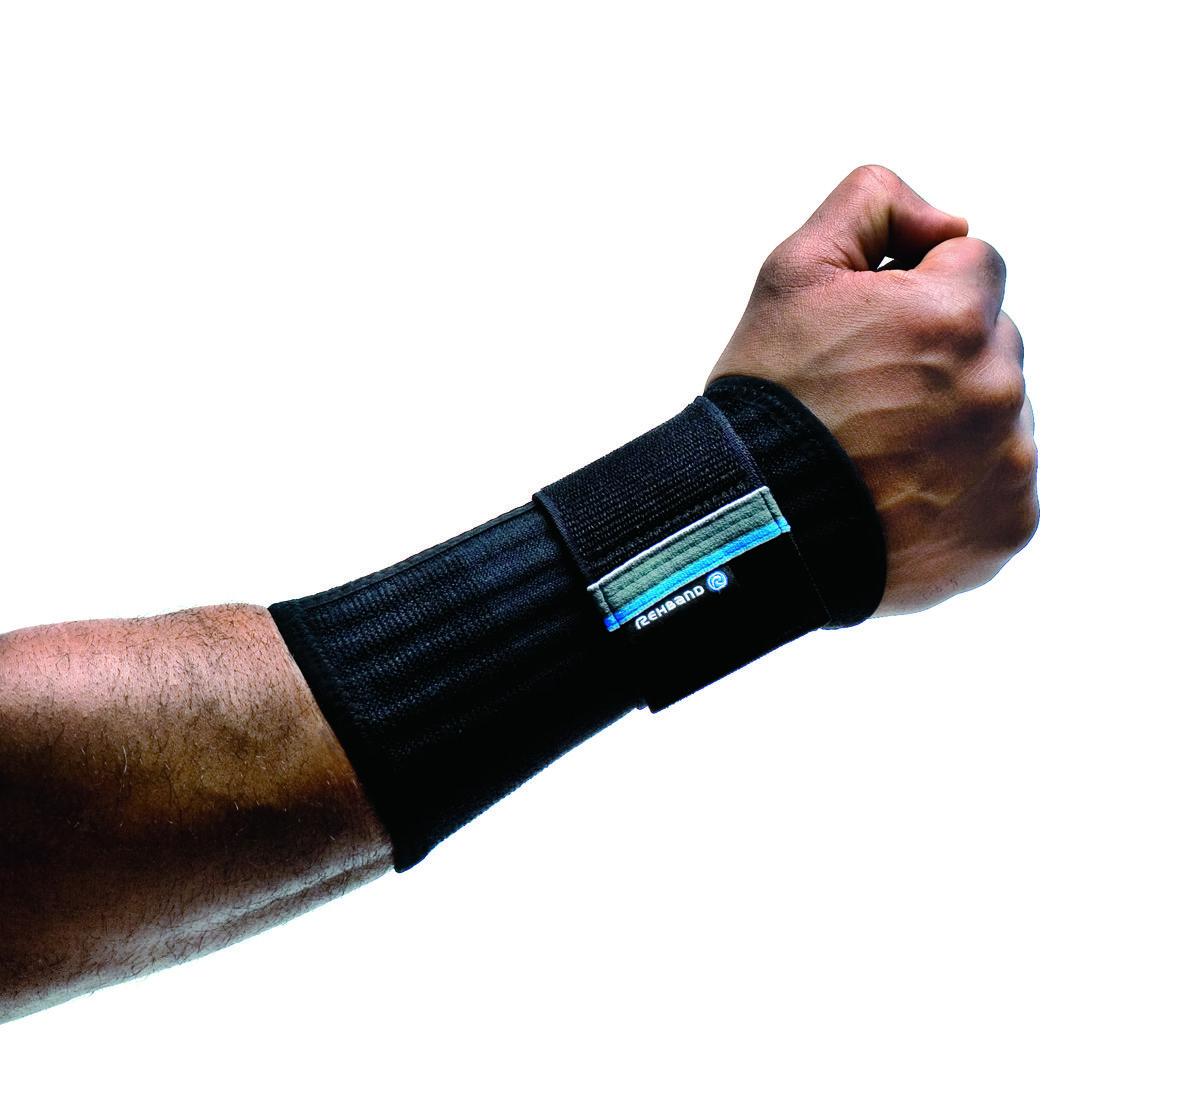 De Rehband polsbrace Open Grip 7711 stabiliseert het polsgewricht en biedt bescherming tegen pijnlijke bewegingen zonder de functies van de hand te beperken. Hierdoor is de brace ideaal voor golf, handbal en racket sporten.